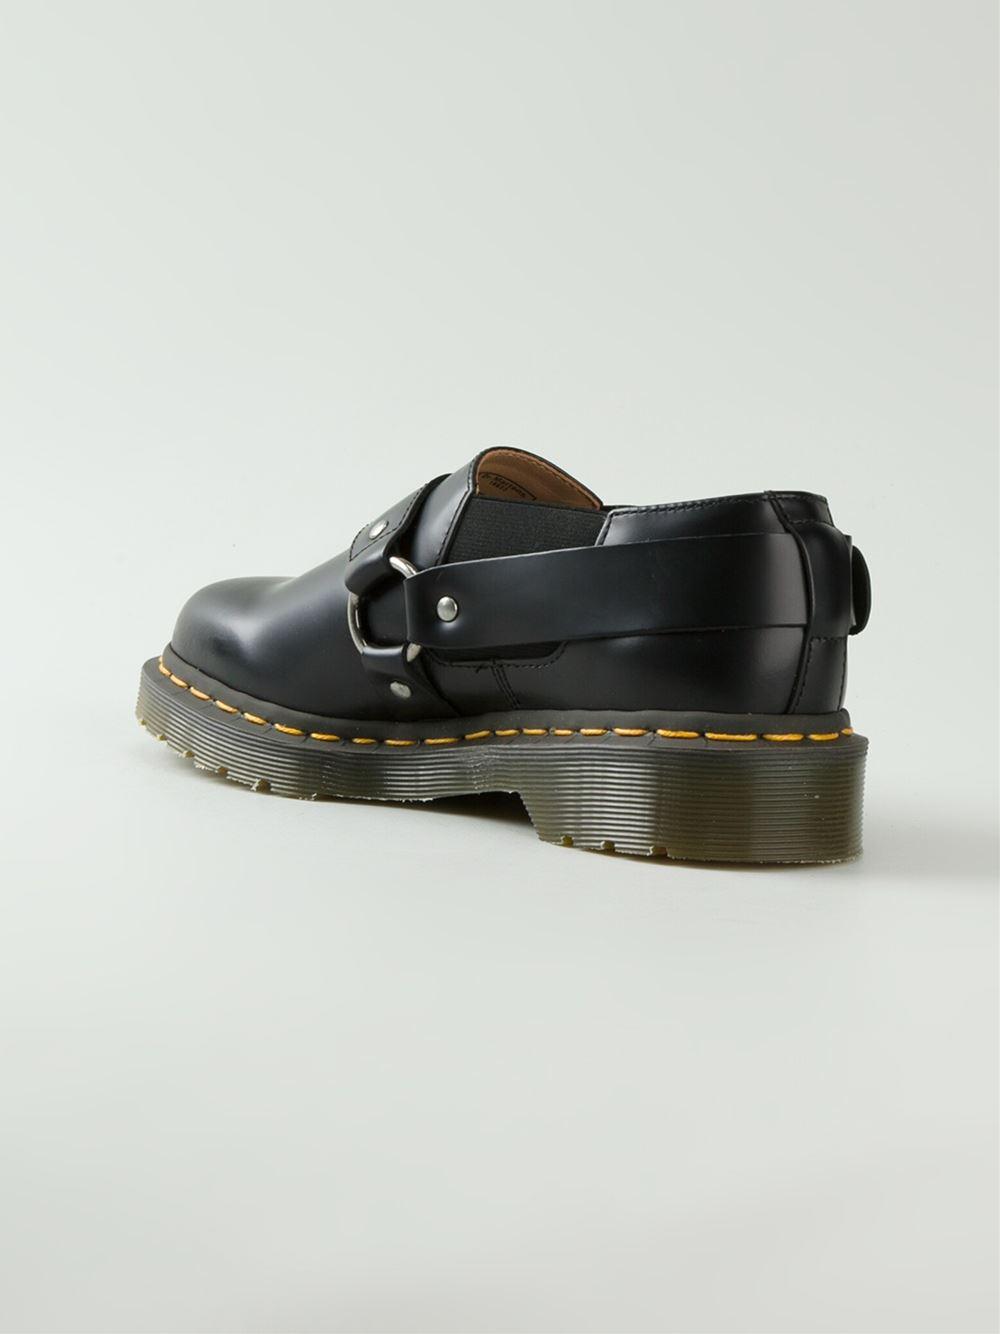 3983383ab7315 Dr. Martens Comme Des Garçons Buckle Monk Shoes in Black - Lyst